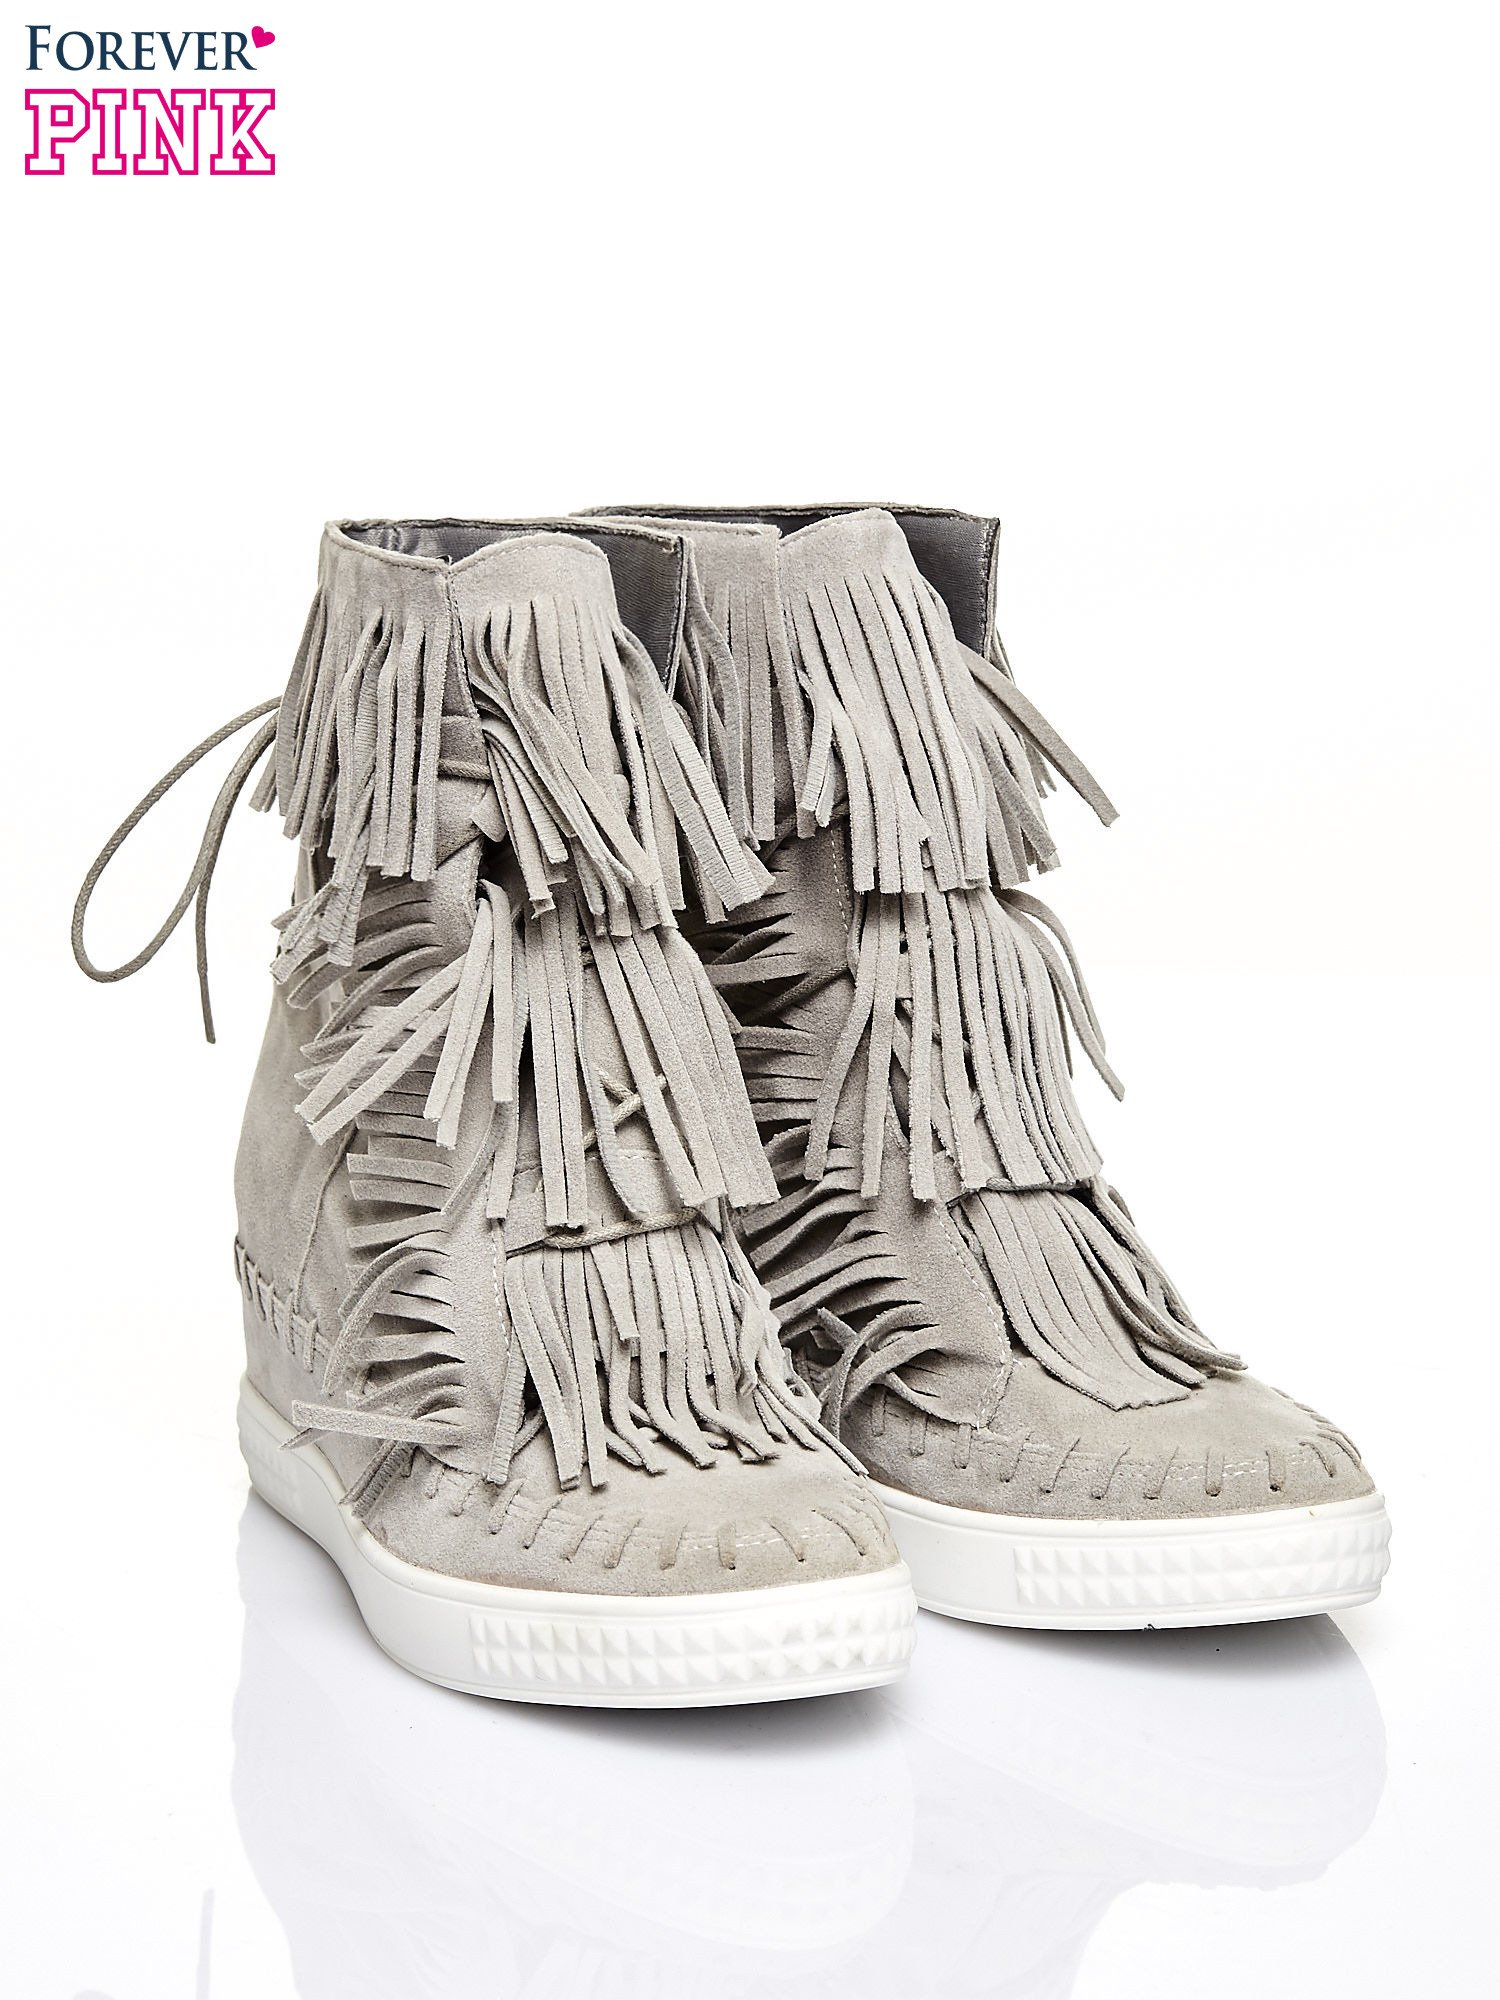 Jasnoszare sneakersy damskie z frędzlami                                  zdj.                                  2